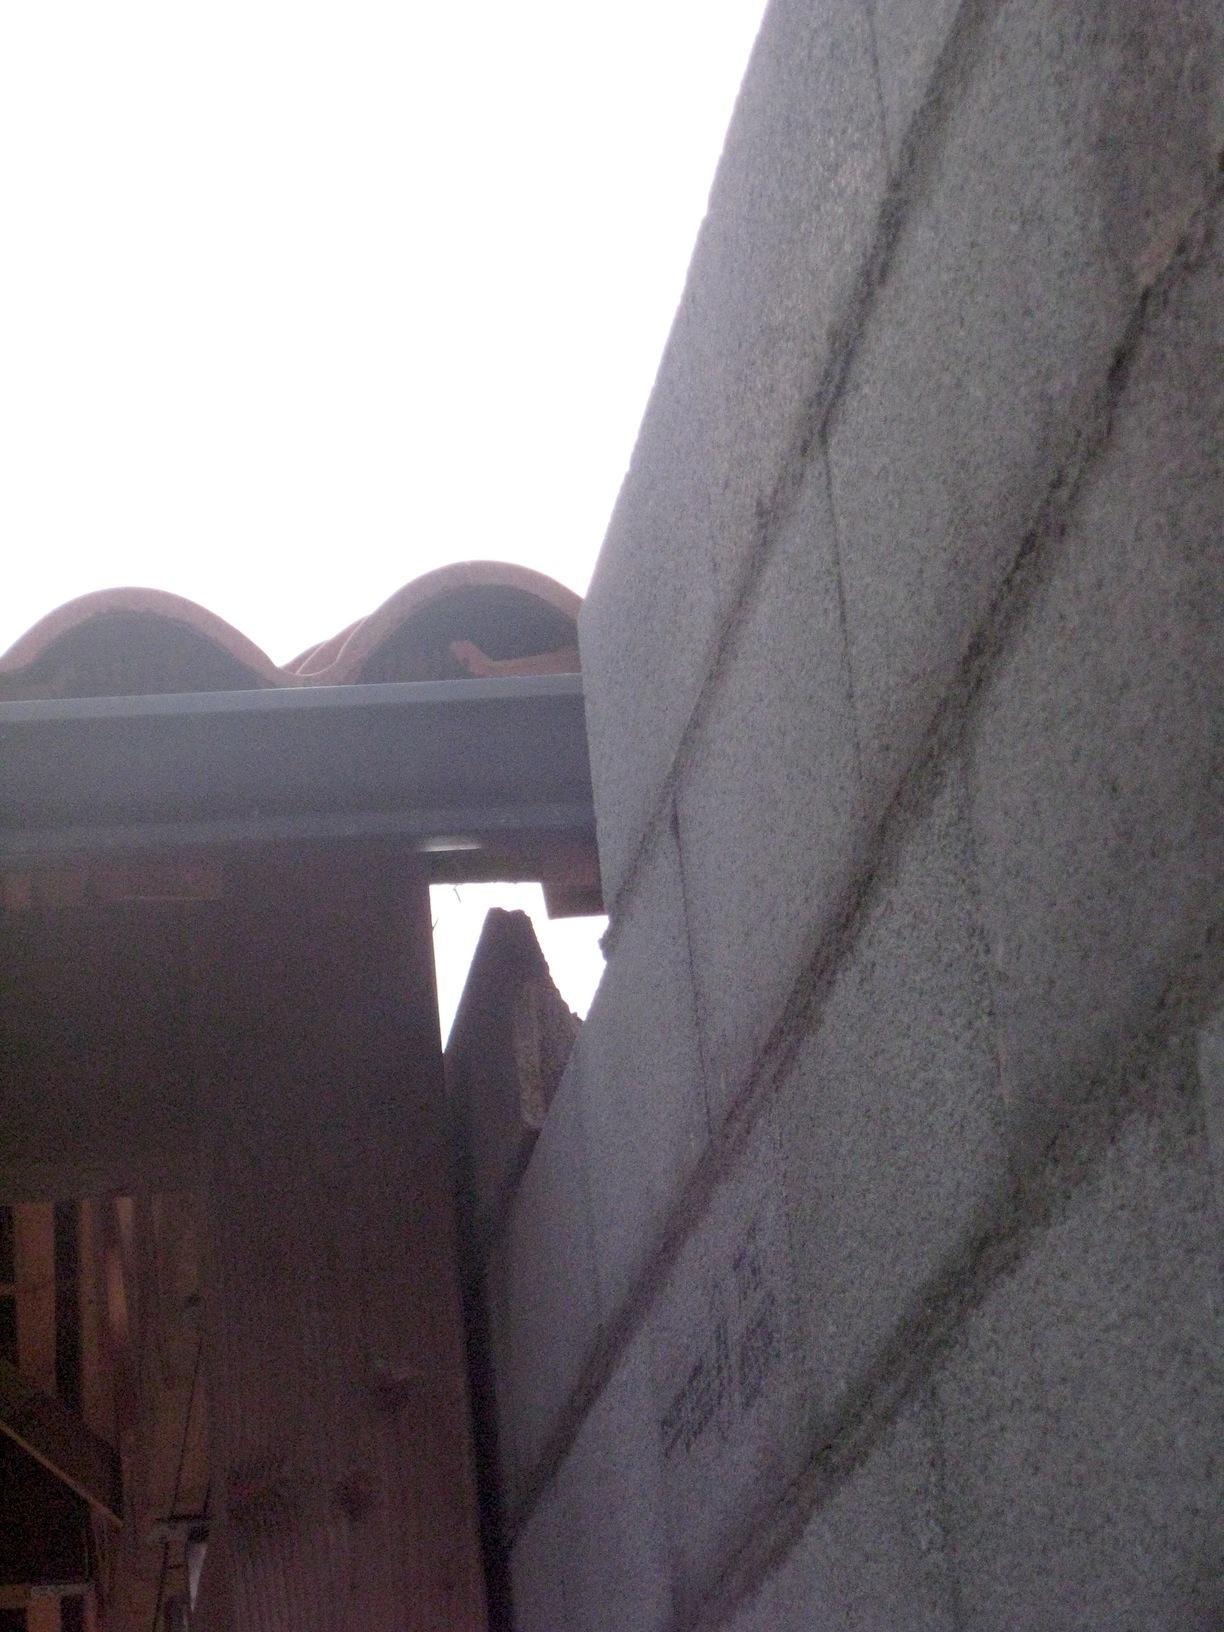 D bord de pignon du voisin en limite s parative 17 messages - Mur privatif en limite de propriete ...